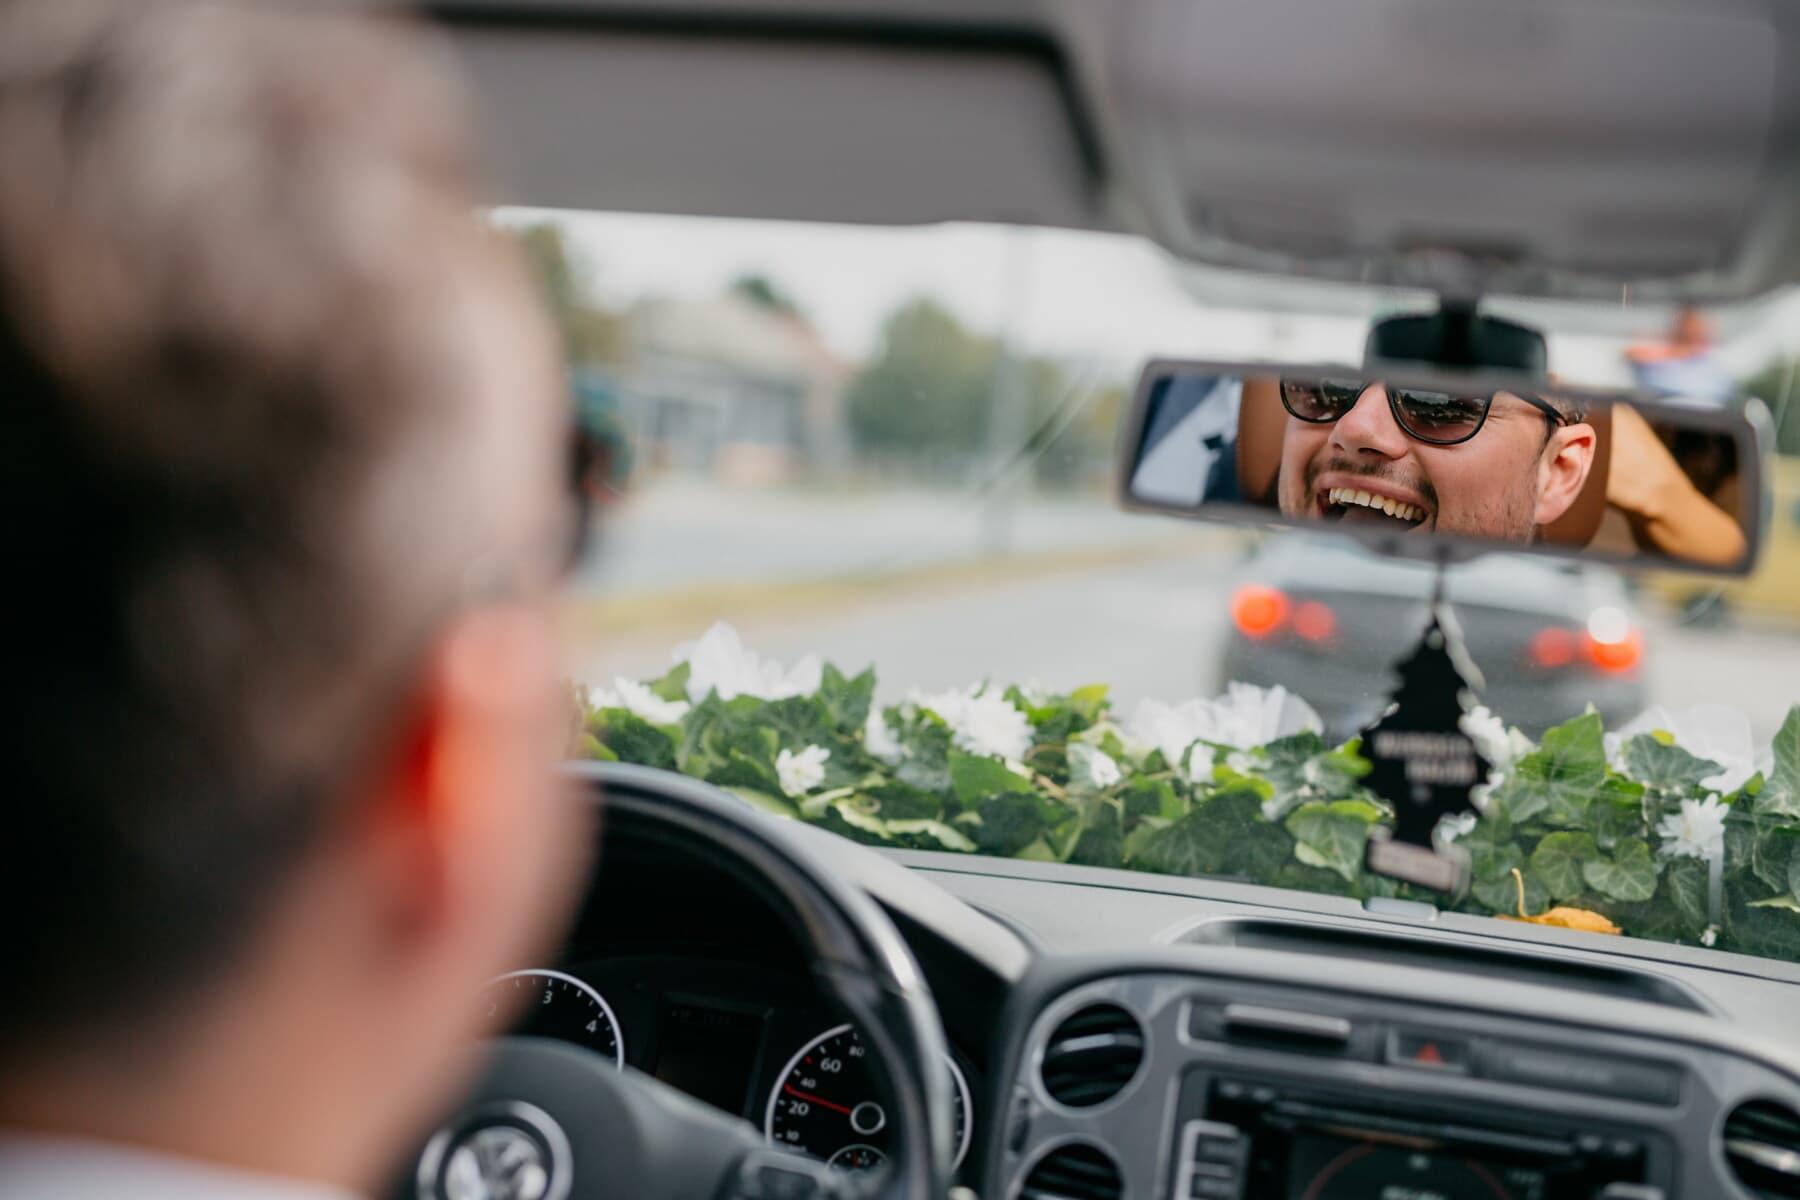 souriant, pilote, heureux, compteur de vitesse, miroir, tableau de bord, pare-brise, embouteillage, contrôle de la circulation, au volant